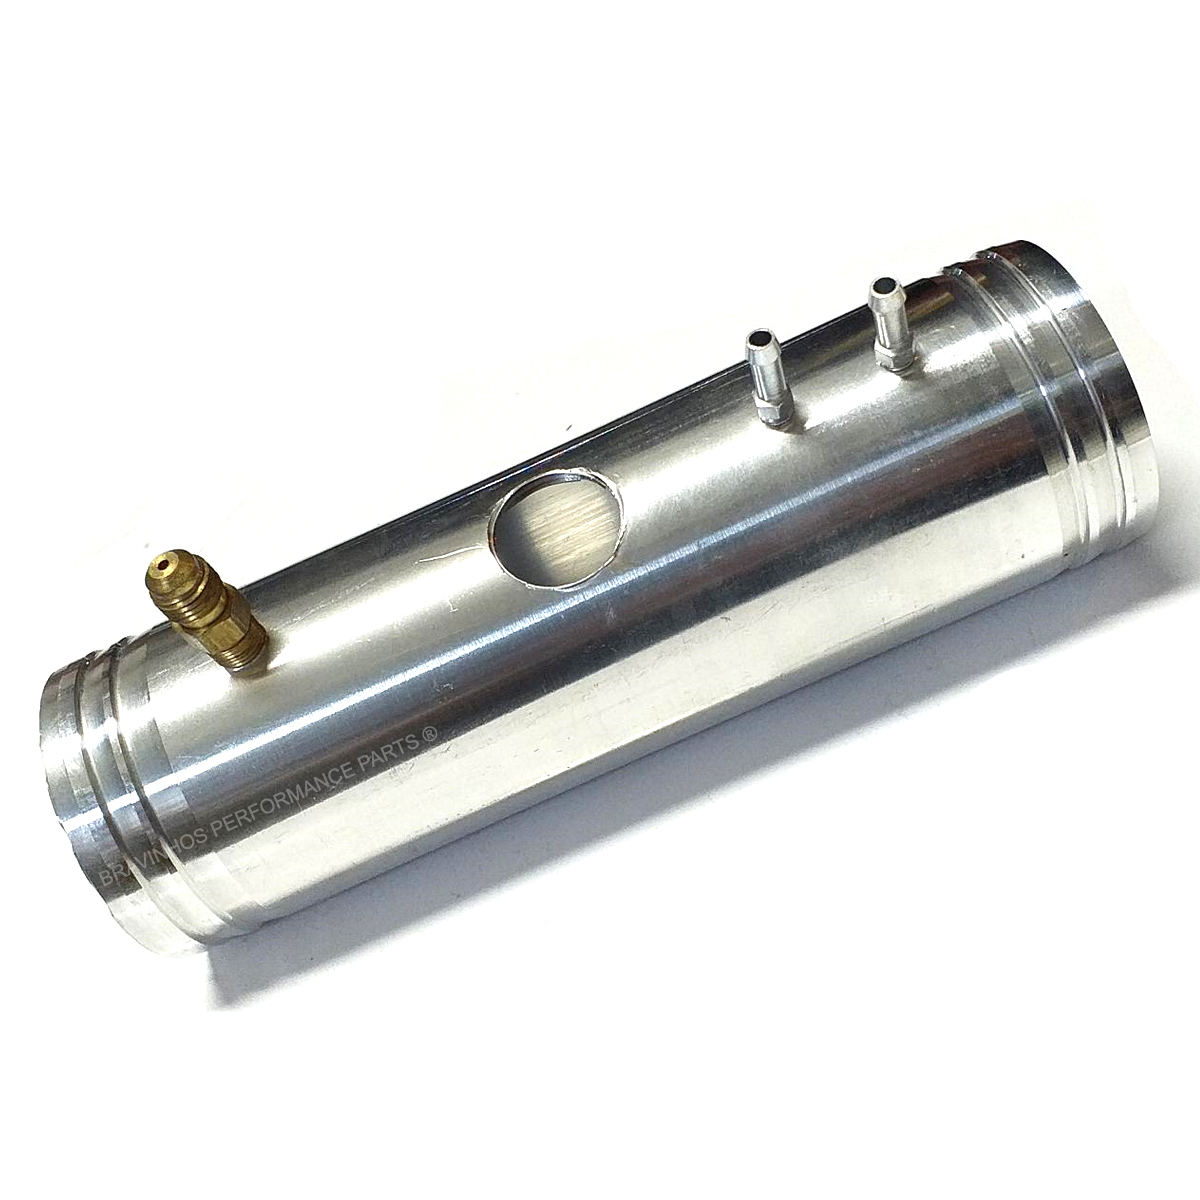 Canote em Alumínio 63mm Tubo Pressão Com Furo Válvula Turbo